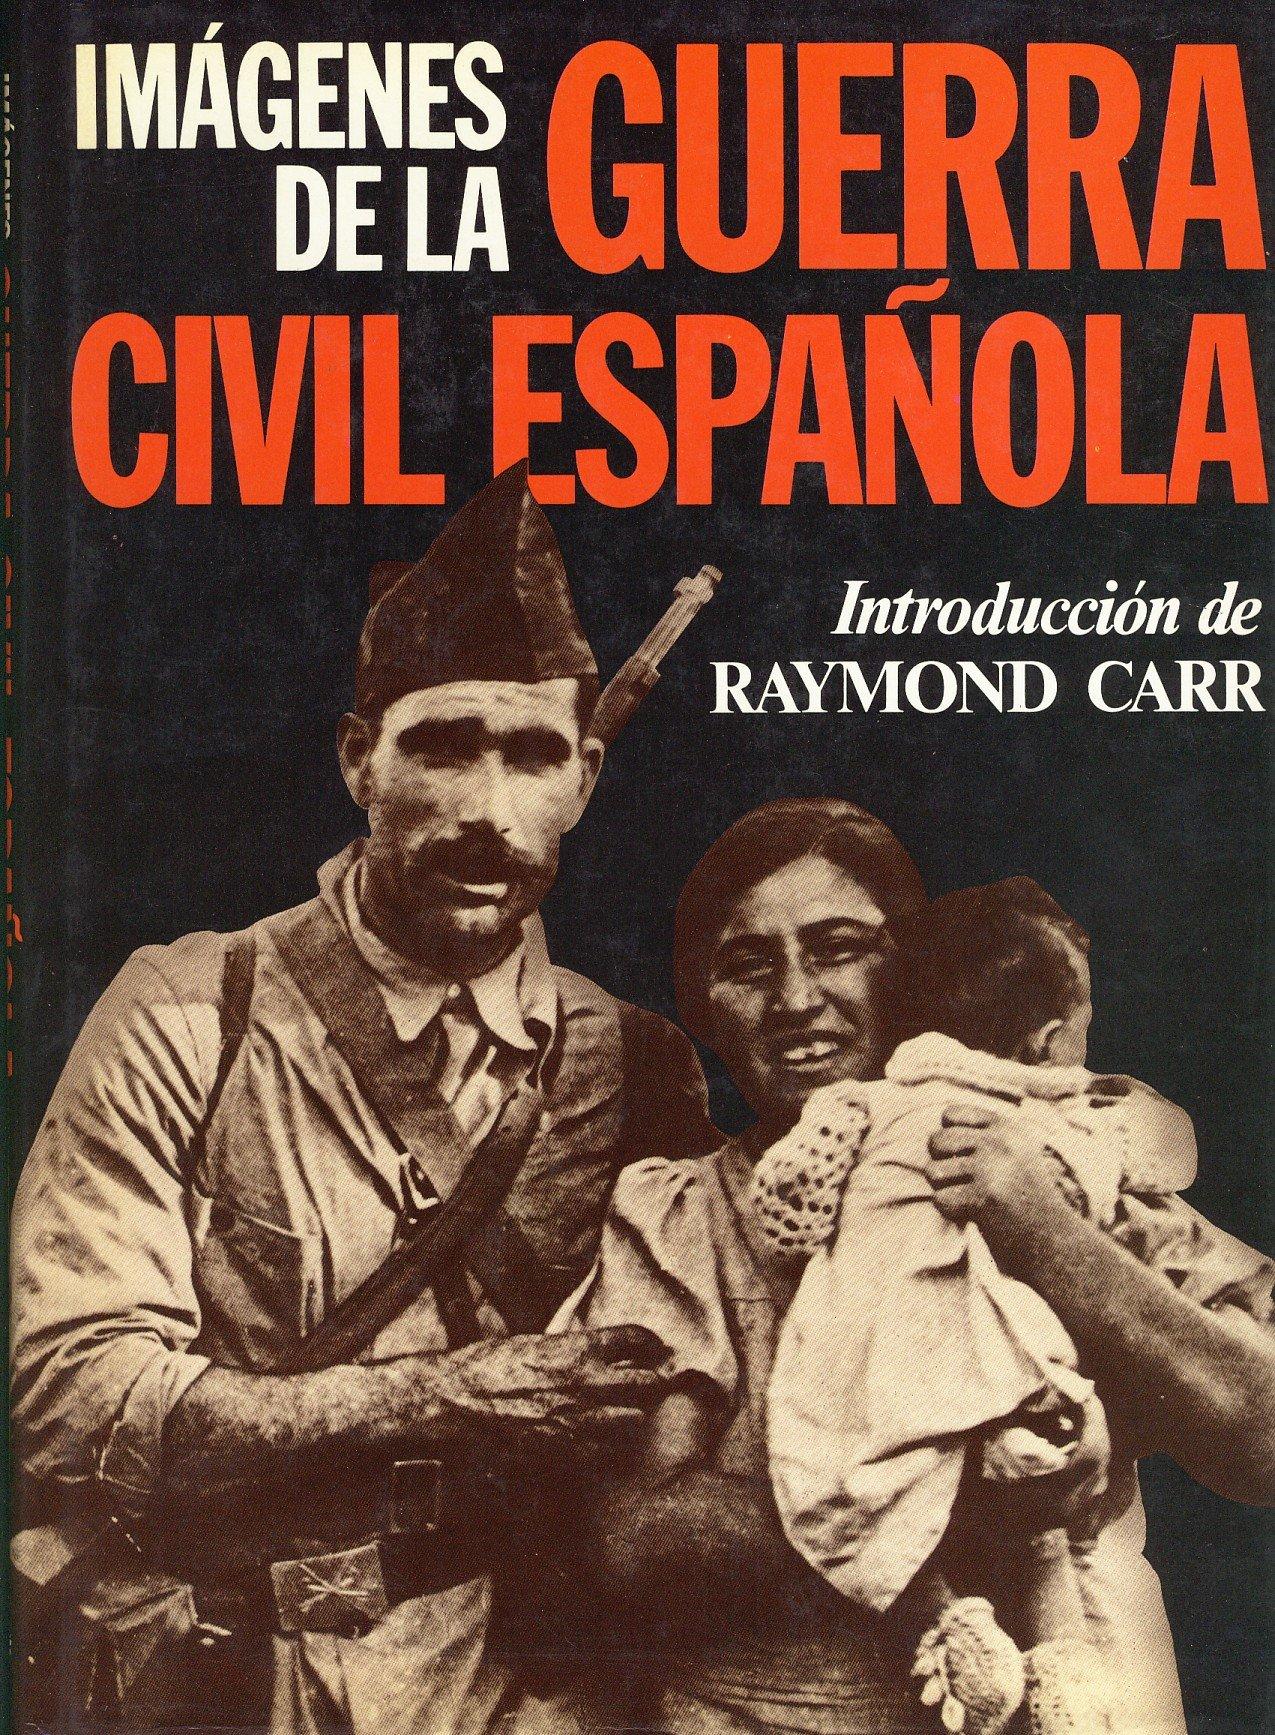 Imagenes de la Guerra civil española: Amazon.es: Carr, Raymond, Wilson, Ann: Libros